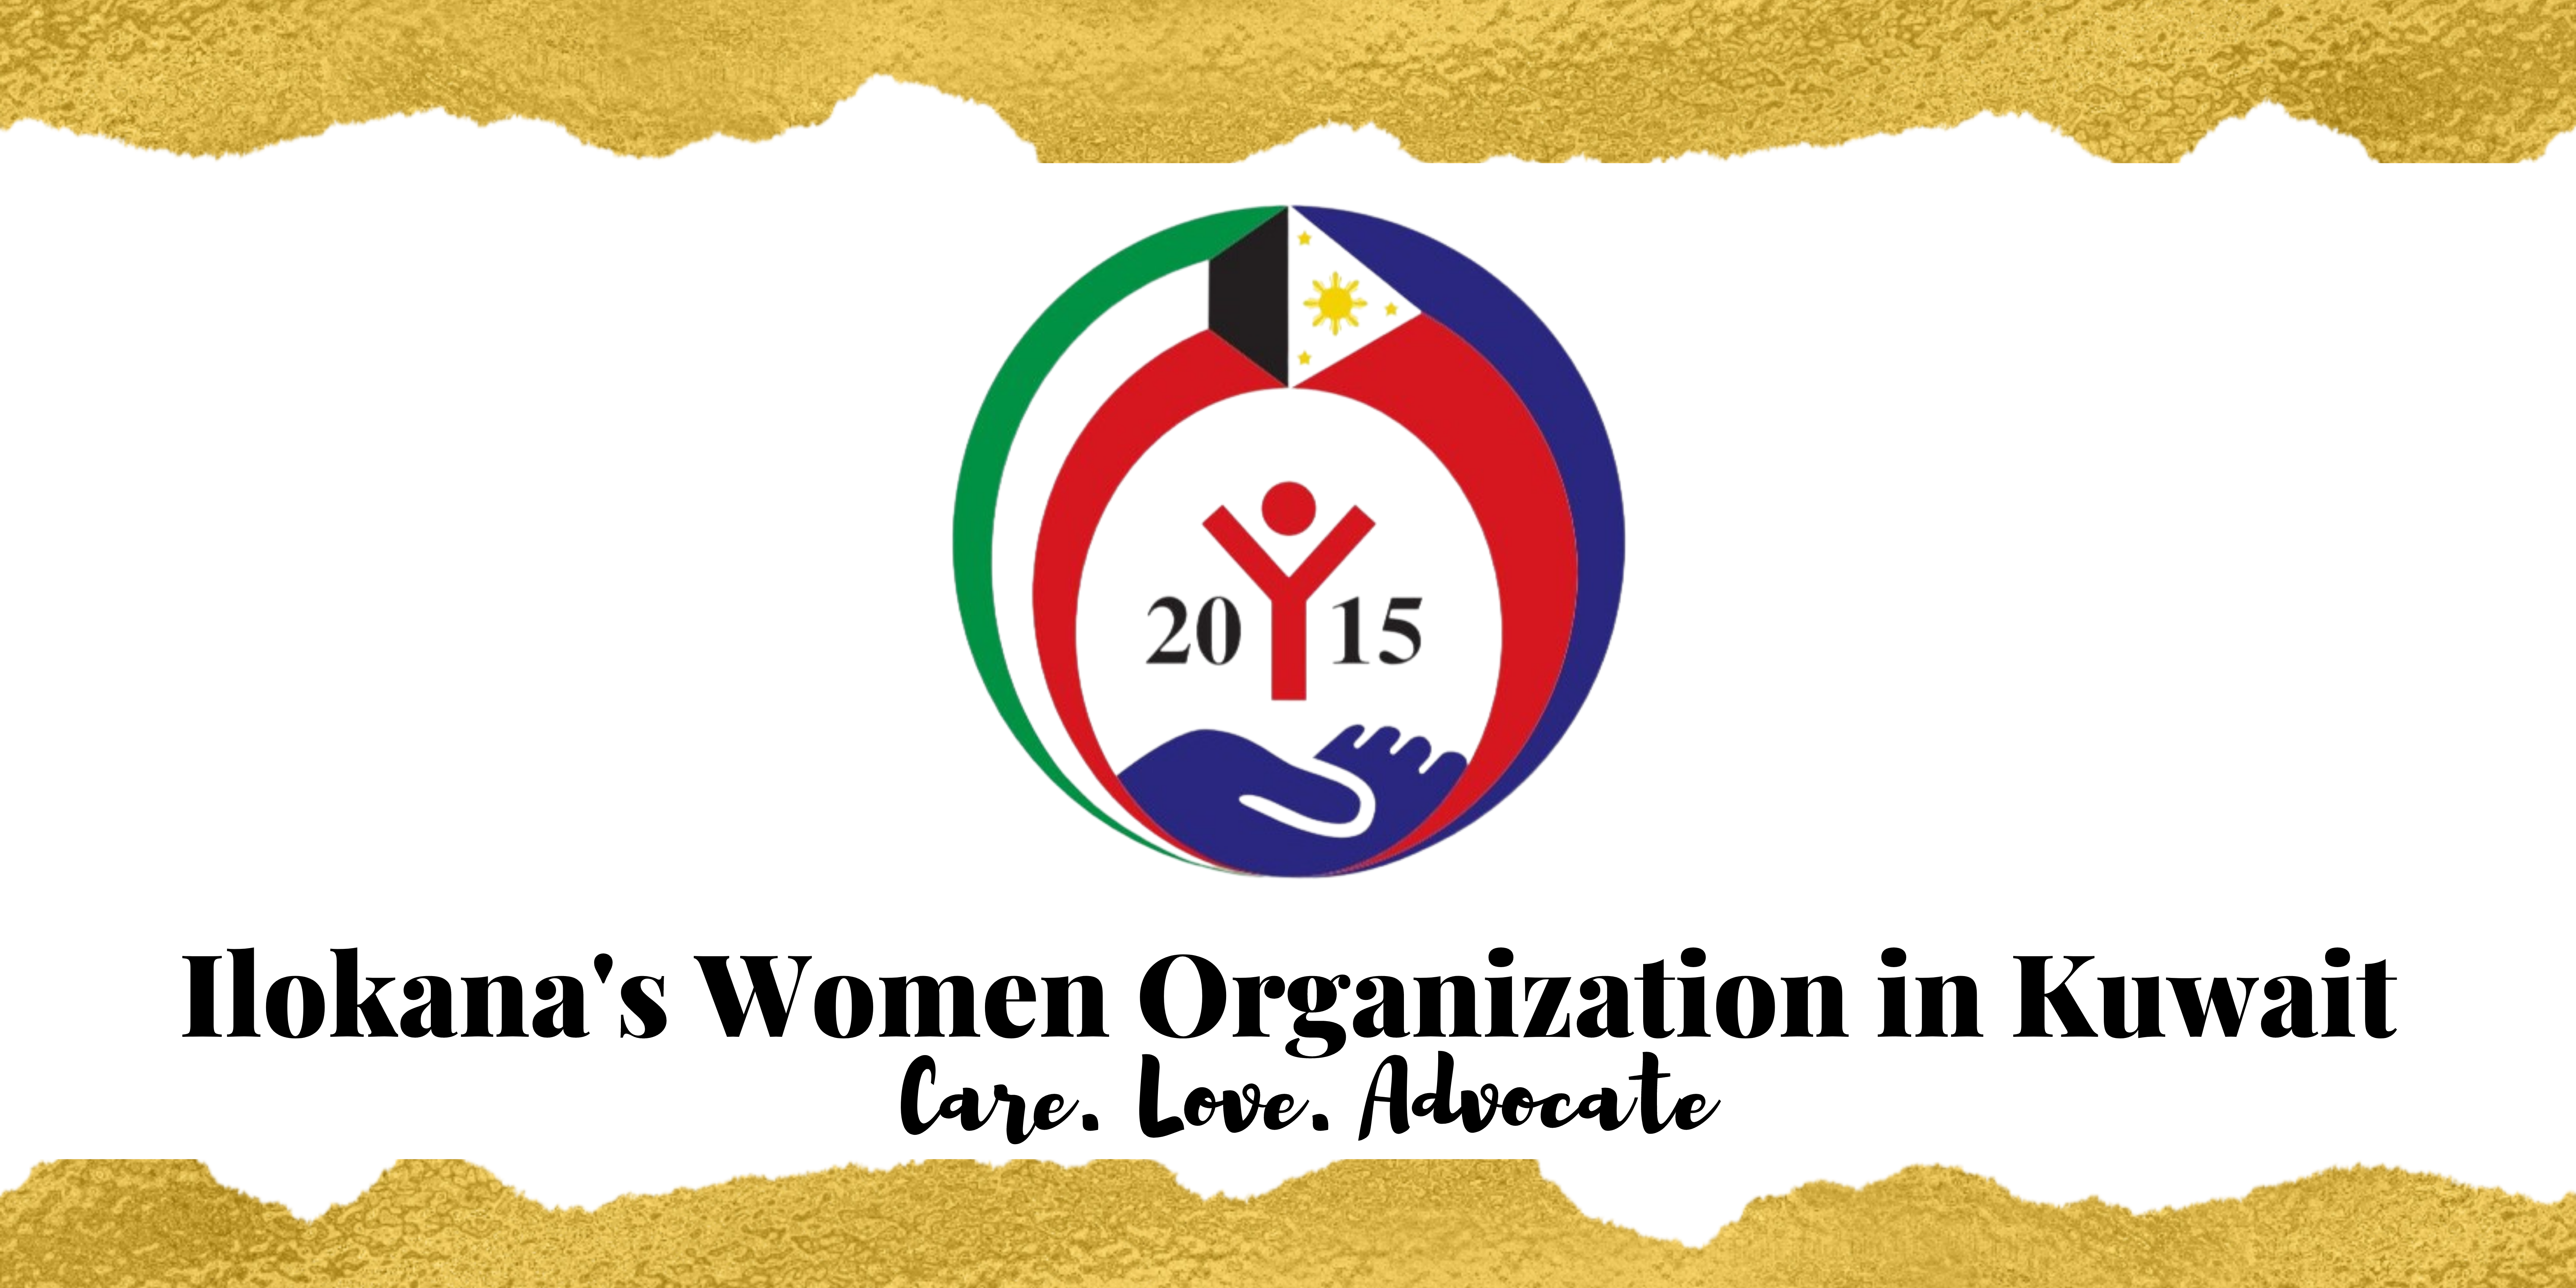 Banner: Ilokana's Women Organization in Kuwait (IWOK)